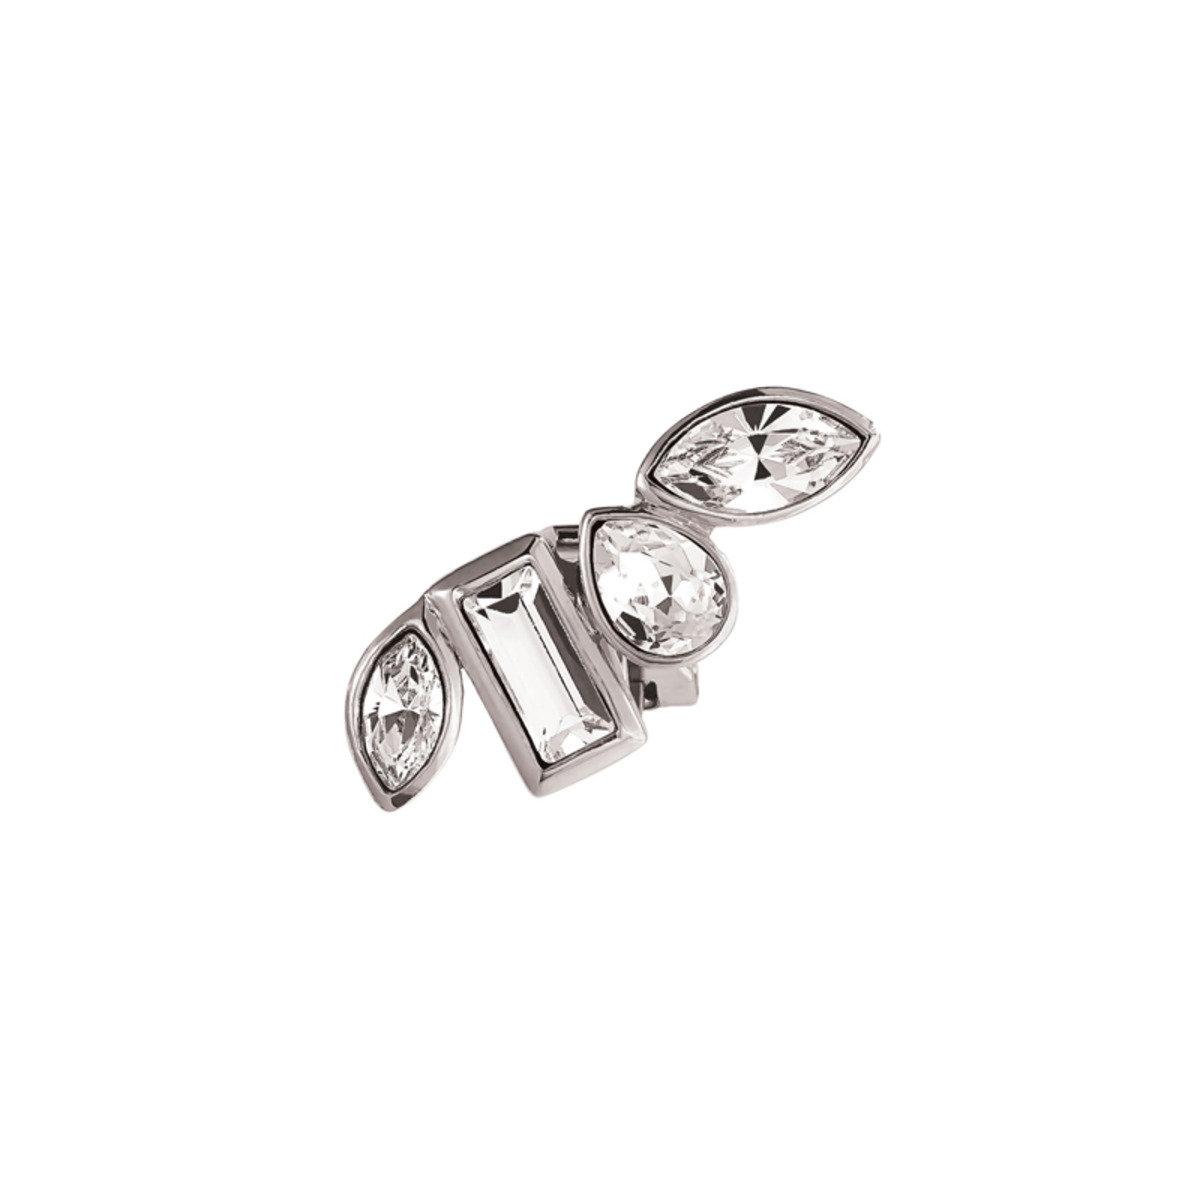 寶貝兒耳骨夾耳環(單顆)